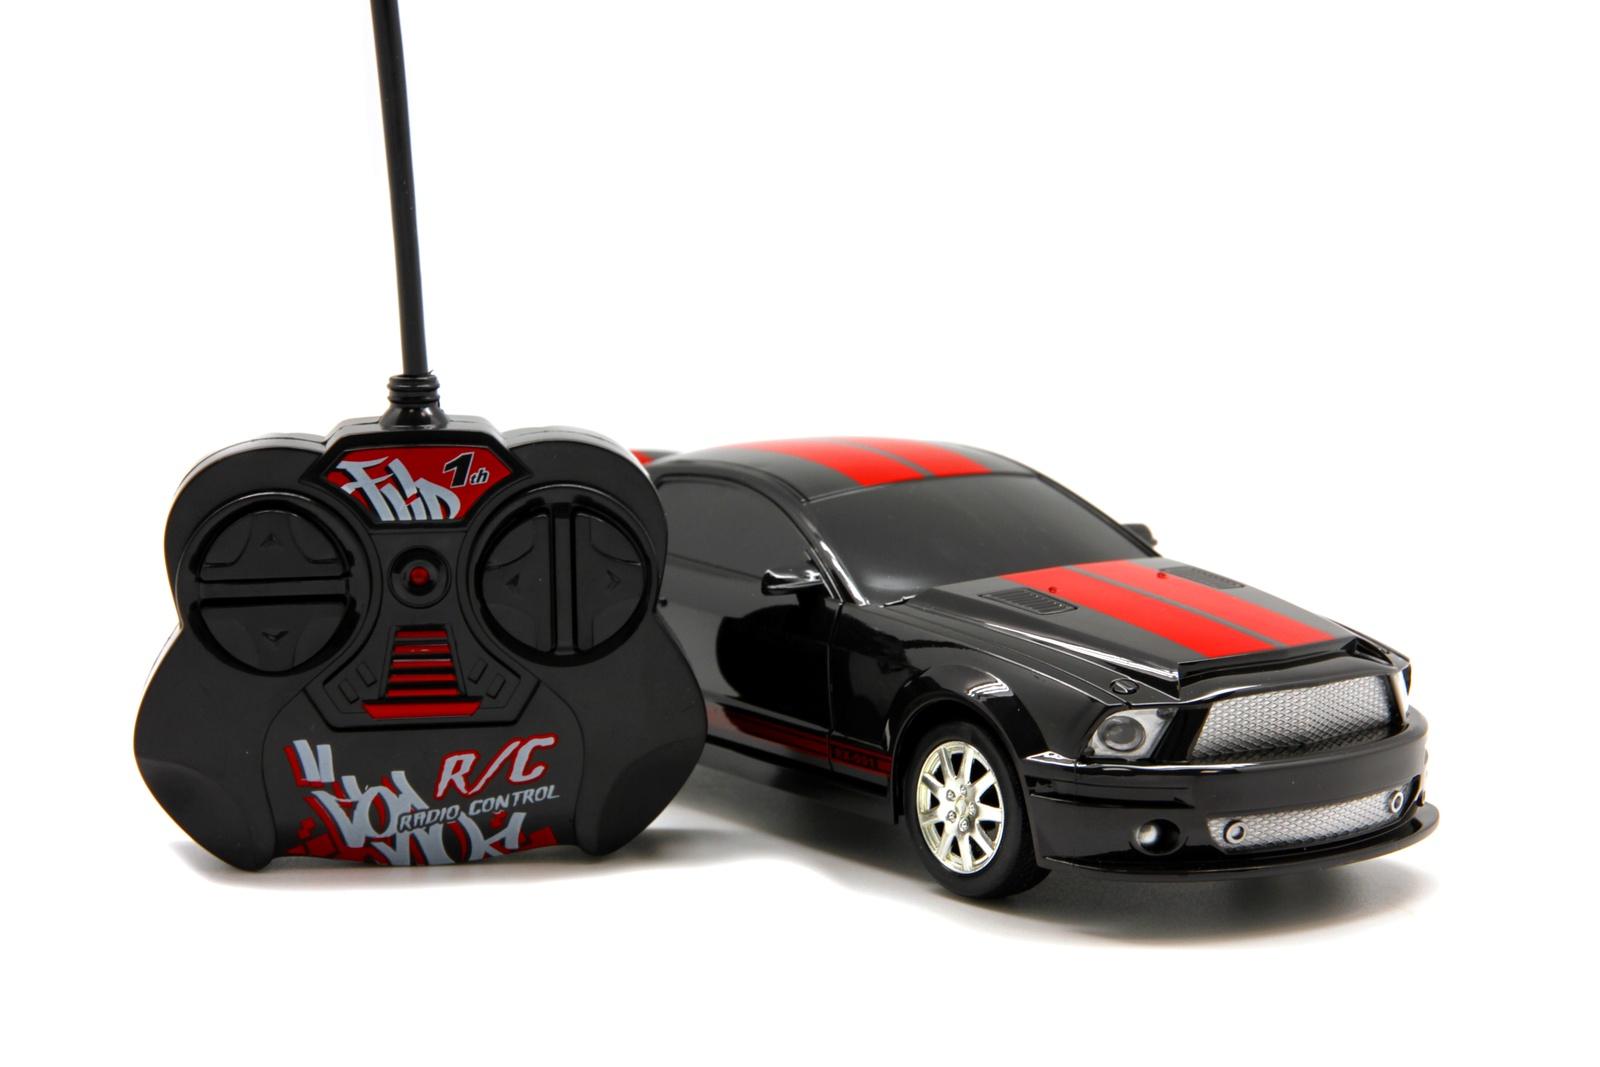 Машинка радиоуправляемая Balbi RCS-2001C, A0G1081638 черный, красный машинка на радиоуправлении balbi гоночная 1 20 красный от 5 лет пластик металл rcs 2001